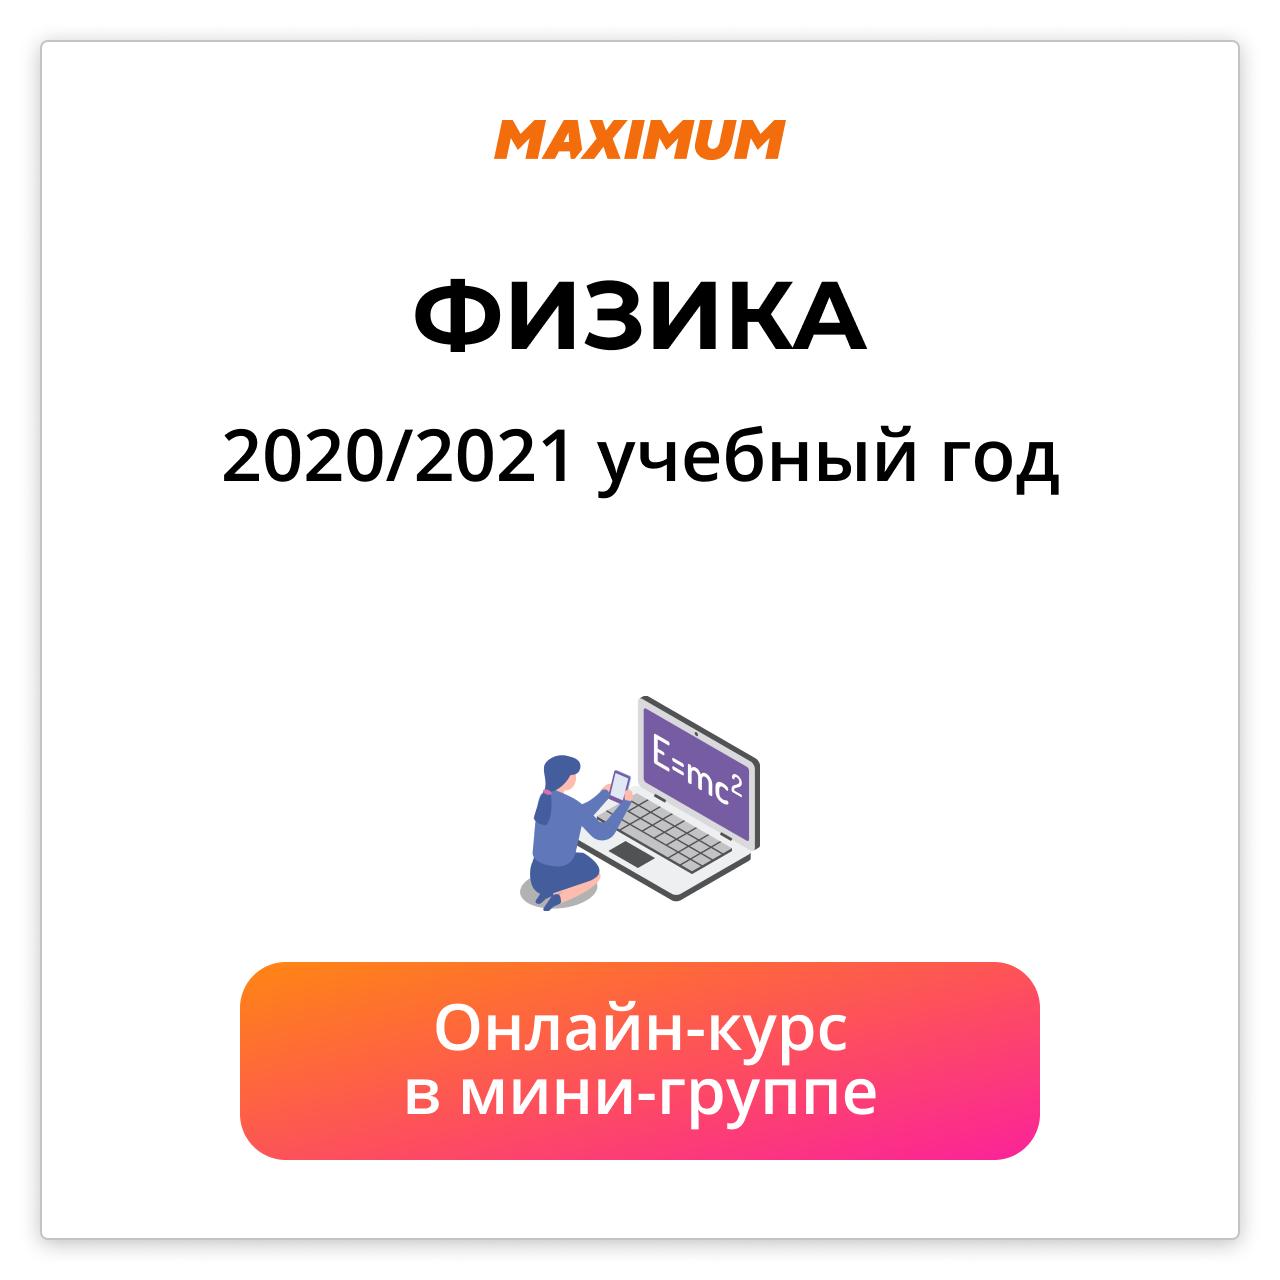 Физика ОГЭ Онлайн Мини-группа